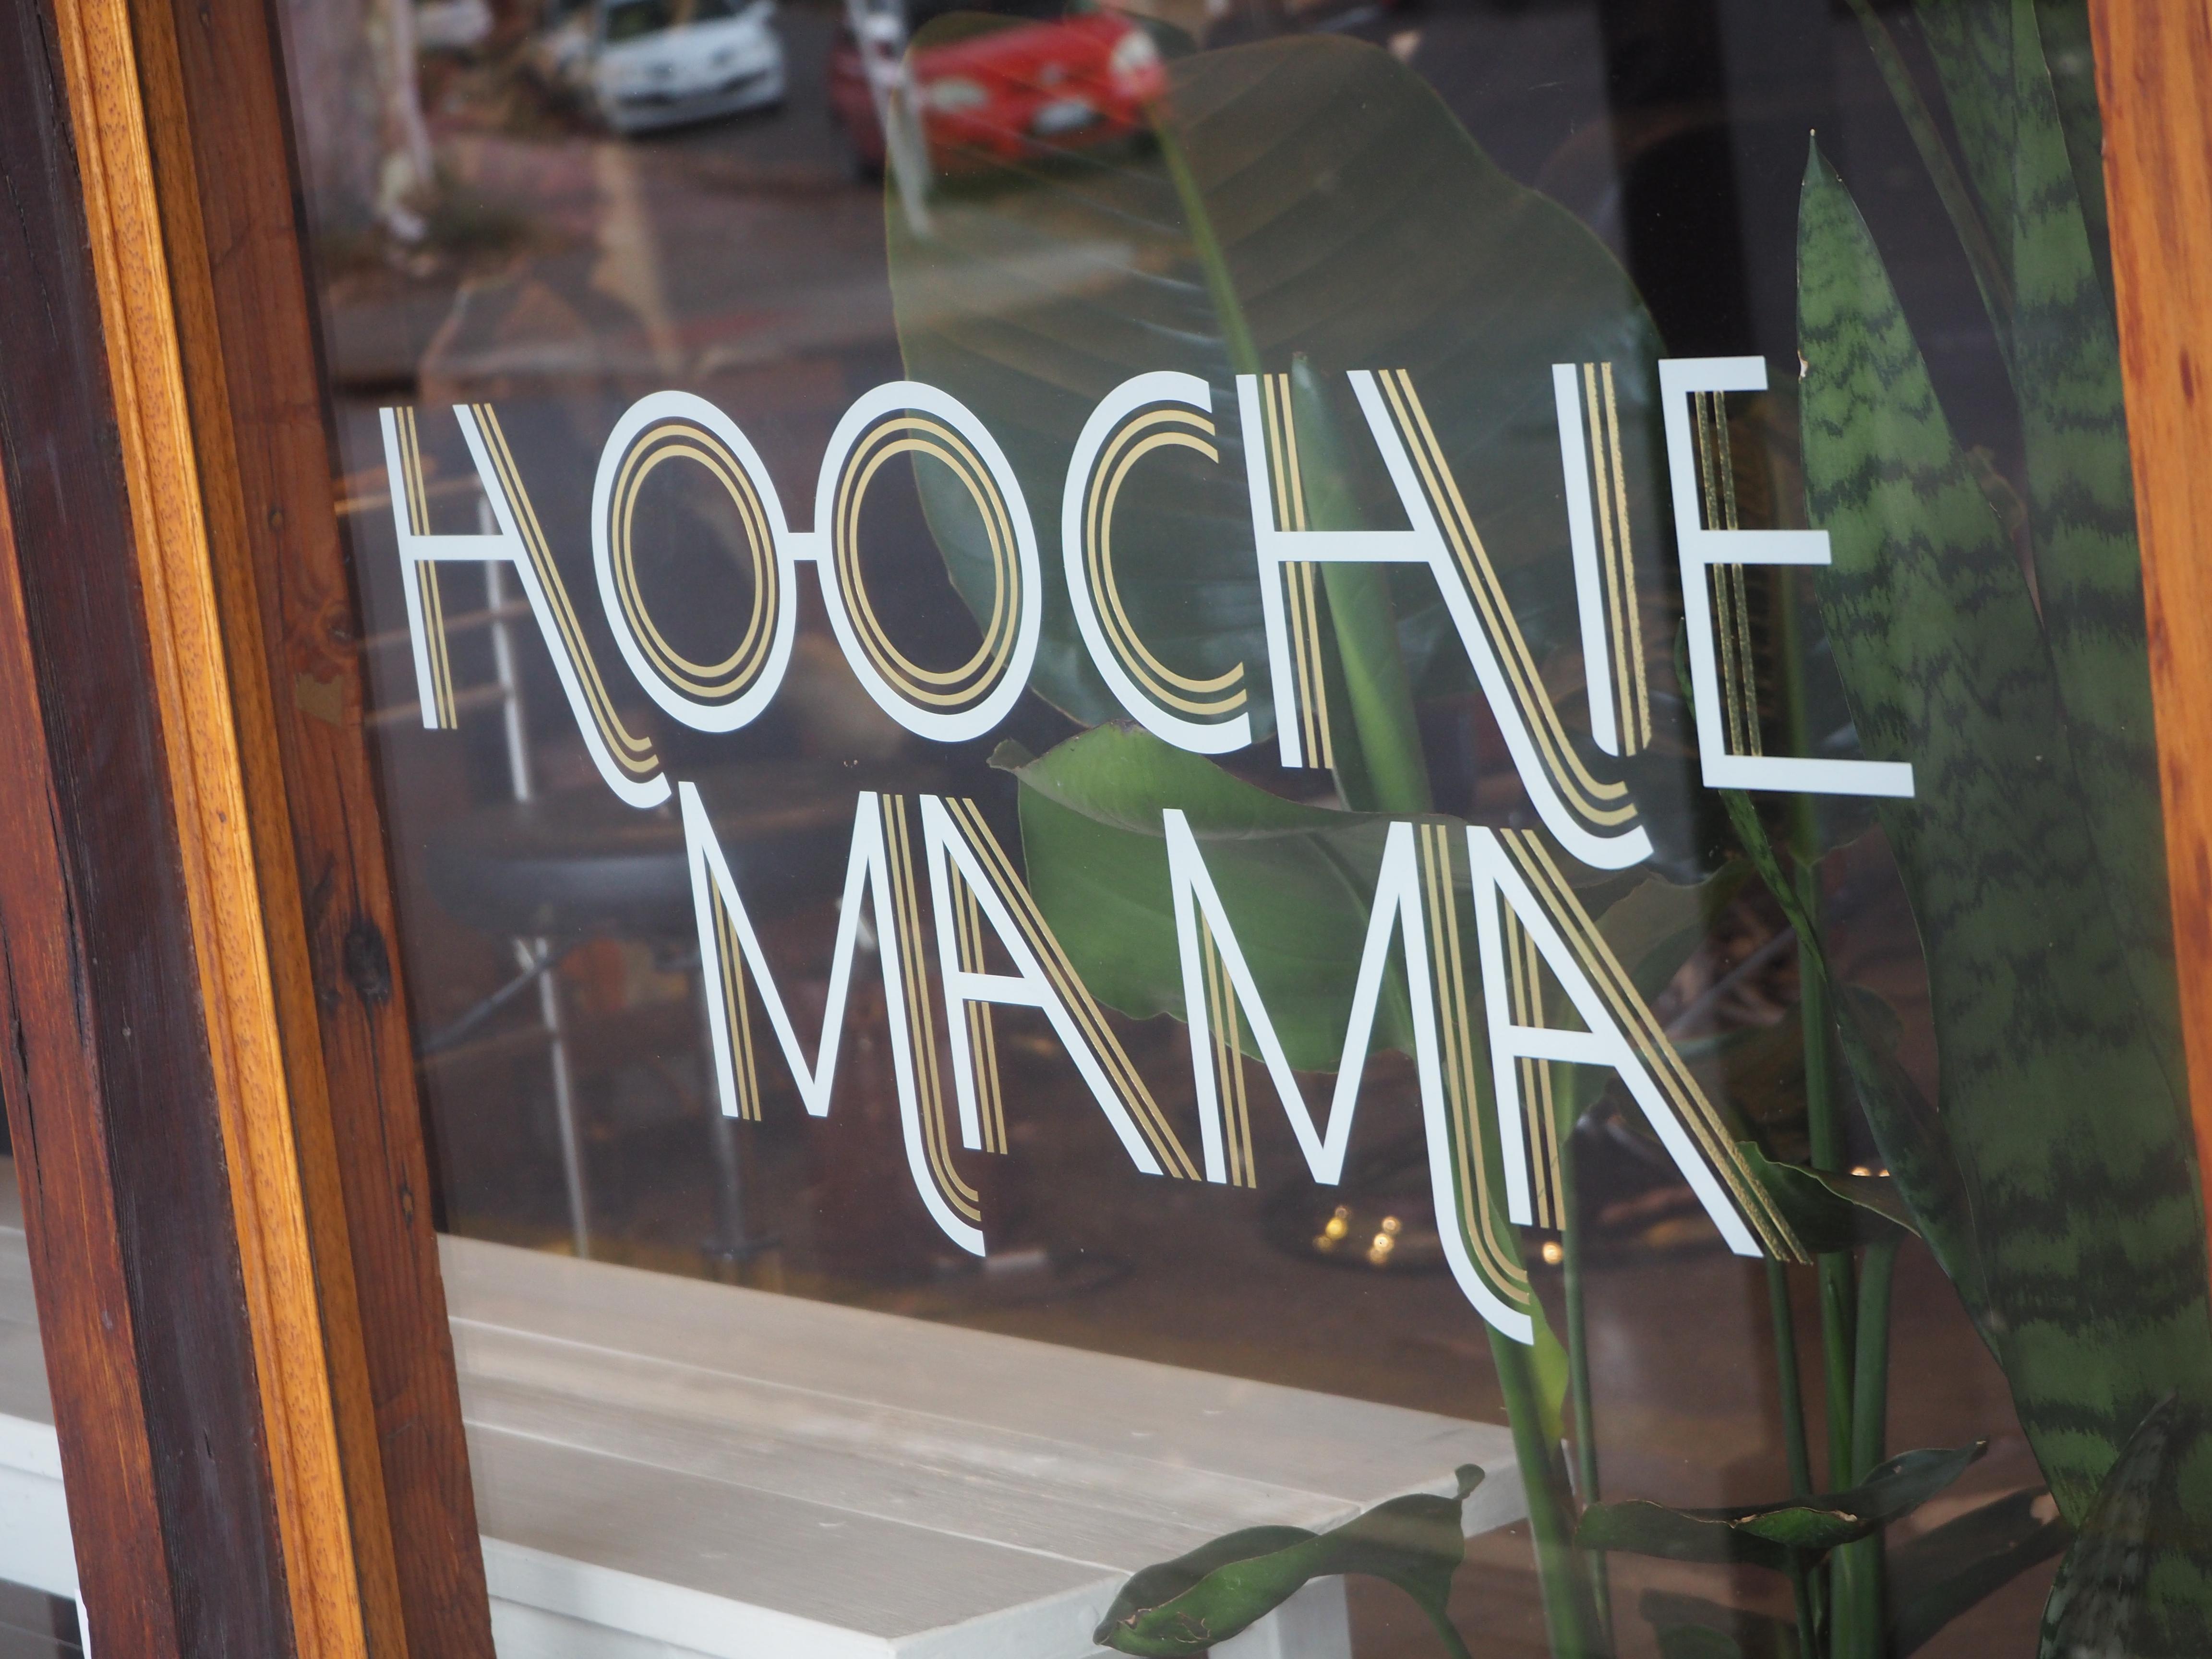 Hoochie Mama